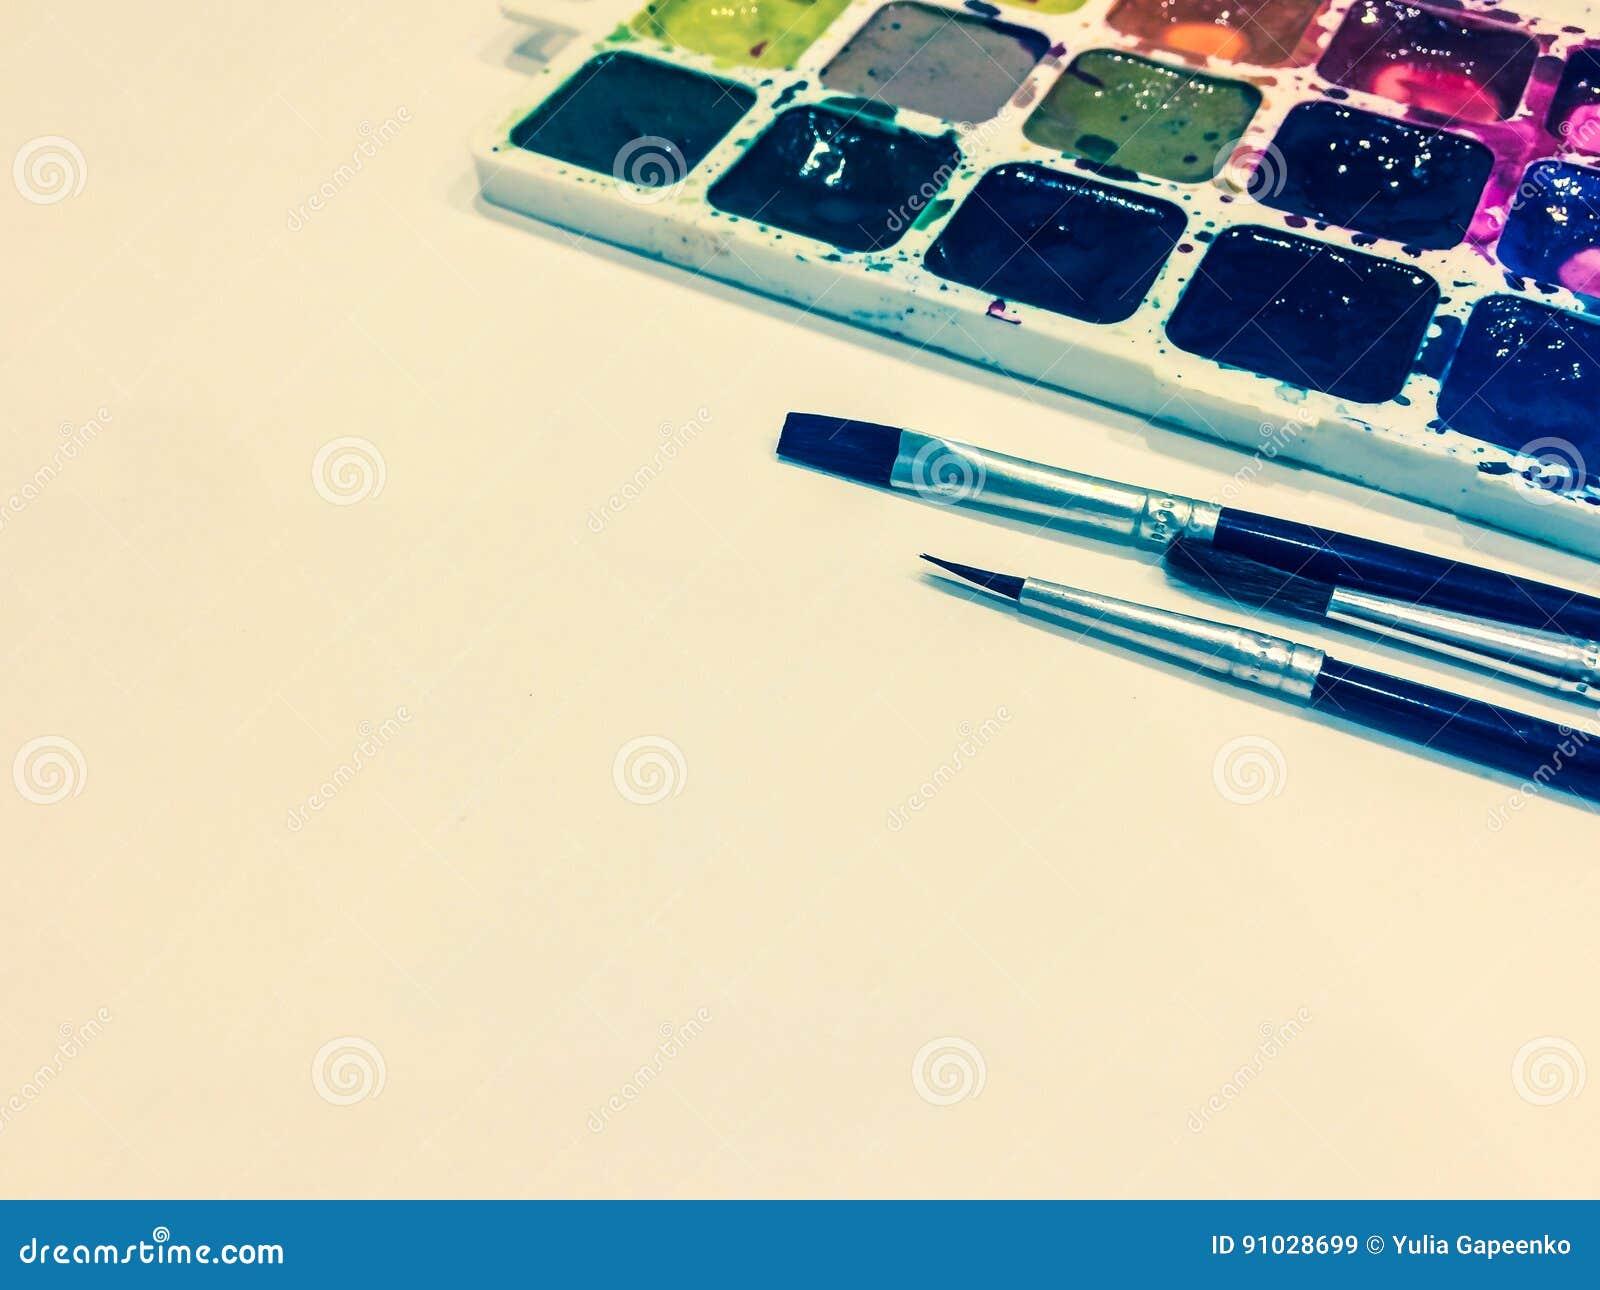 Πρότυπο με μια κενή σελίδα, τα χρώματα και τις βούρτσες με τη θέση για το σας